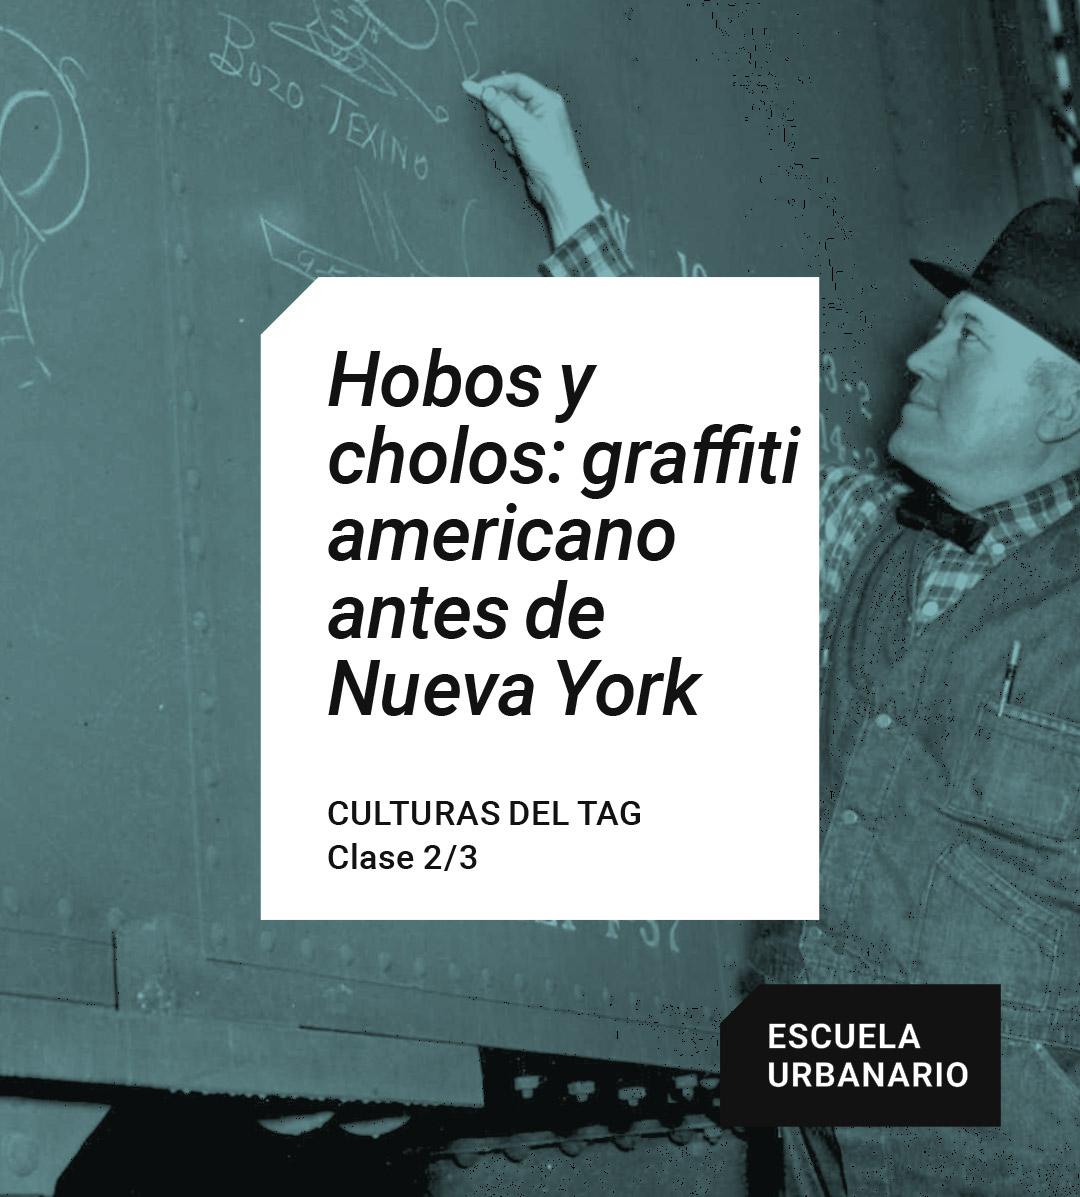 Hobos y cholos - Escuela Urbanario